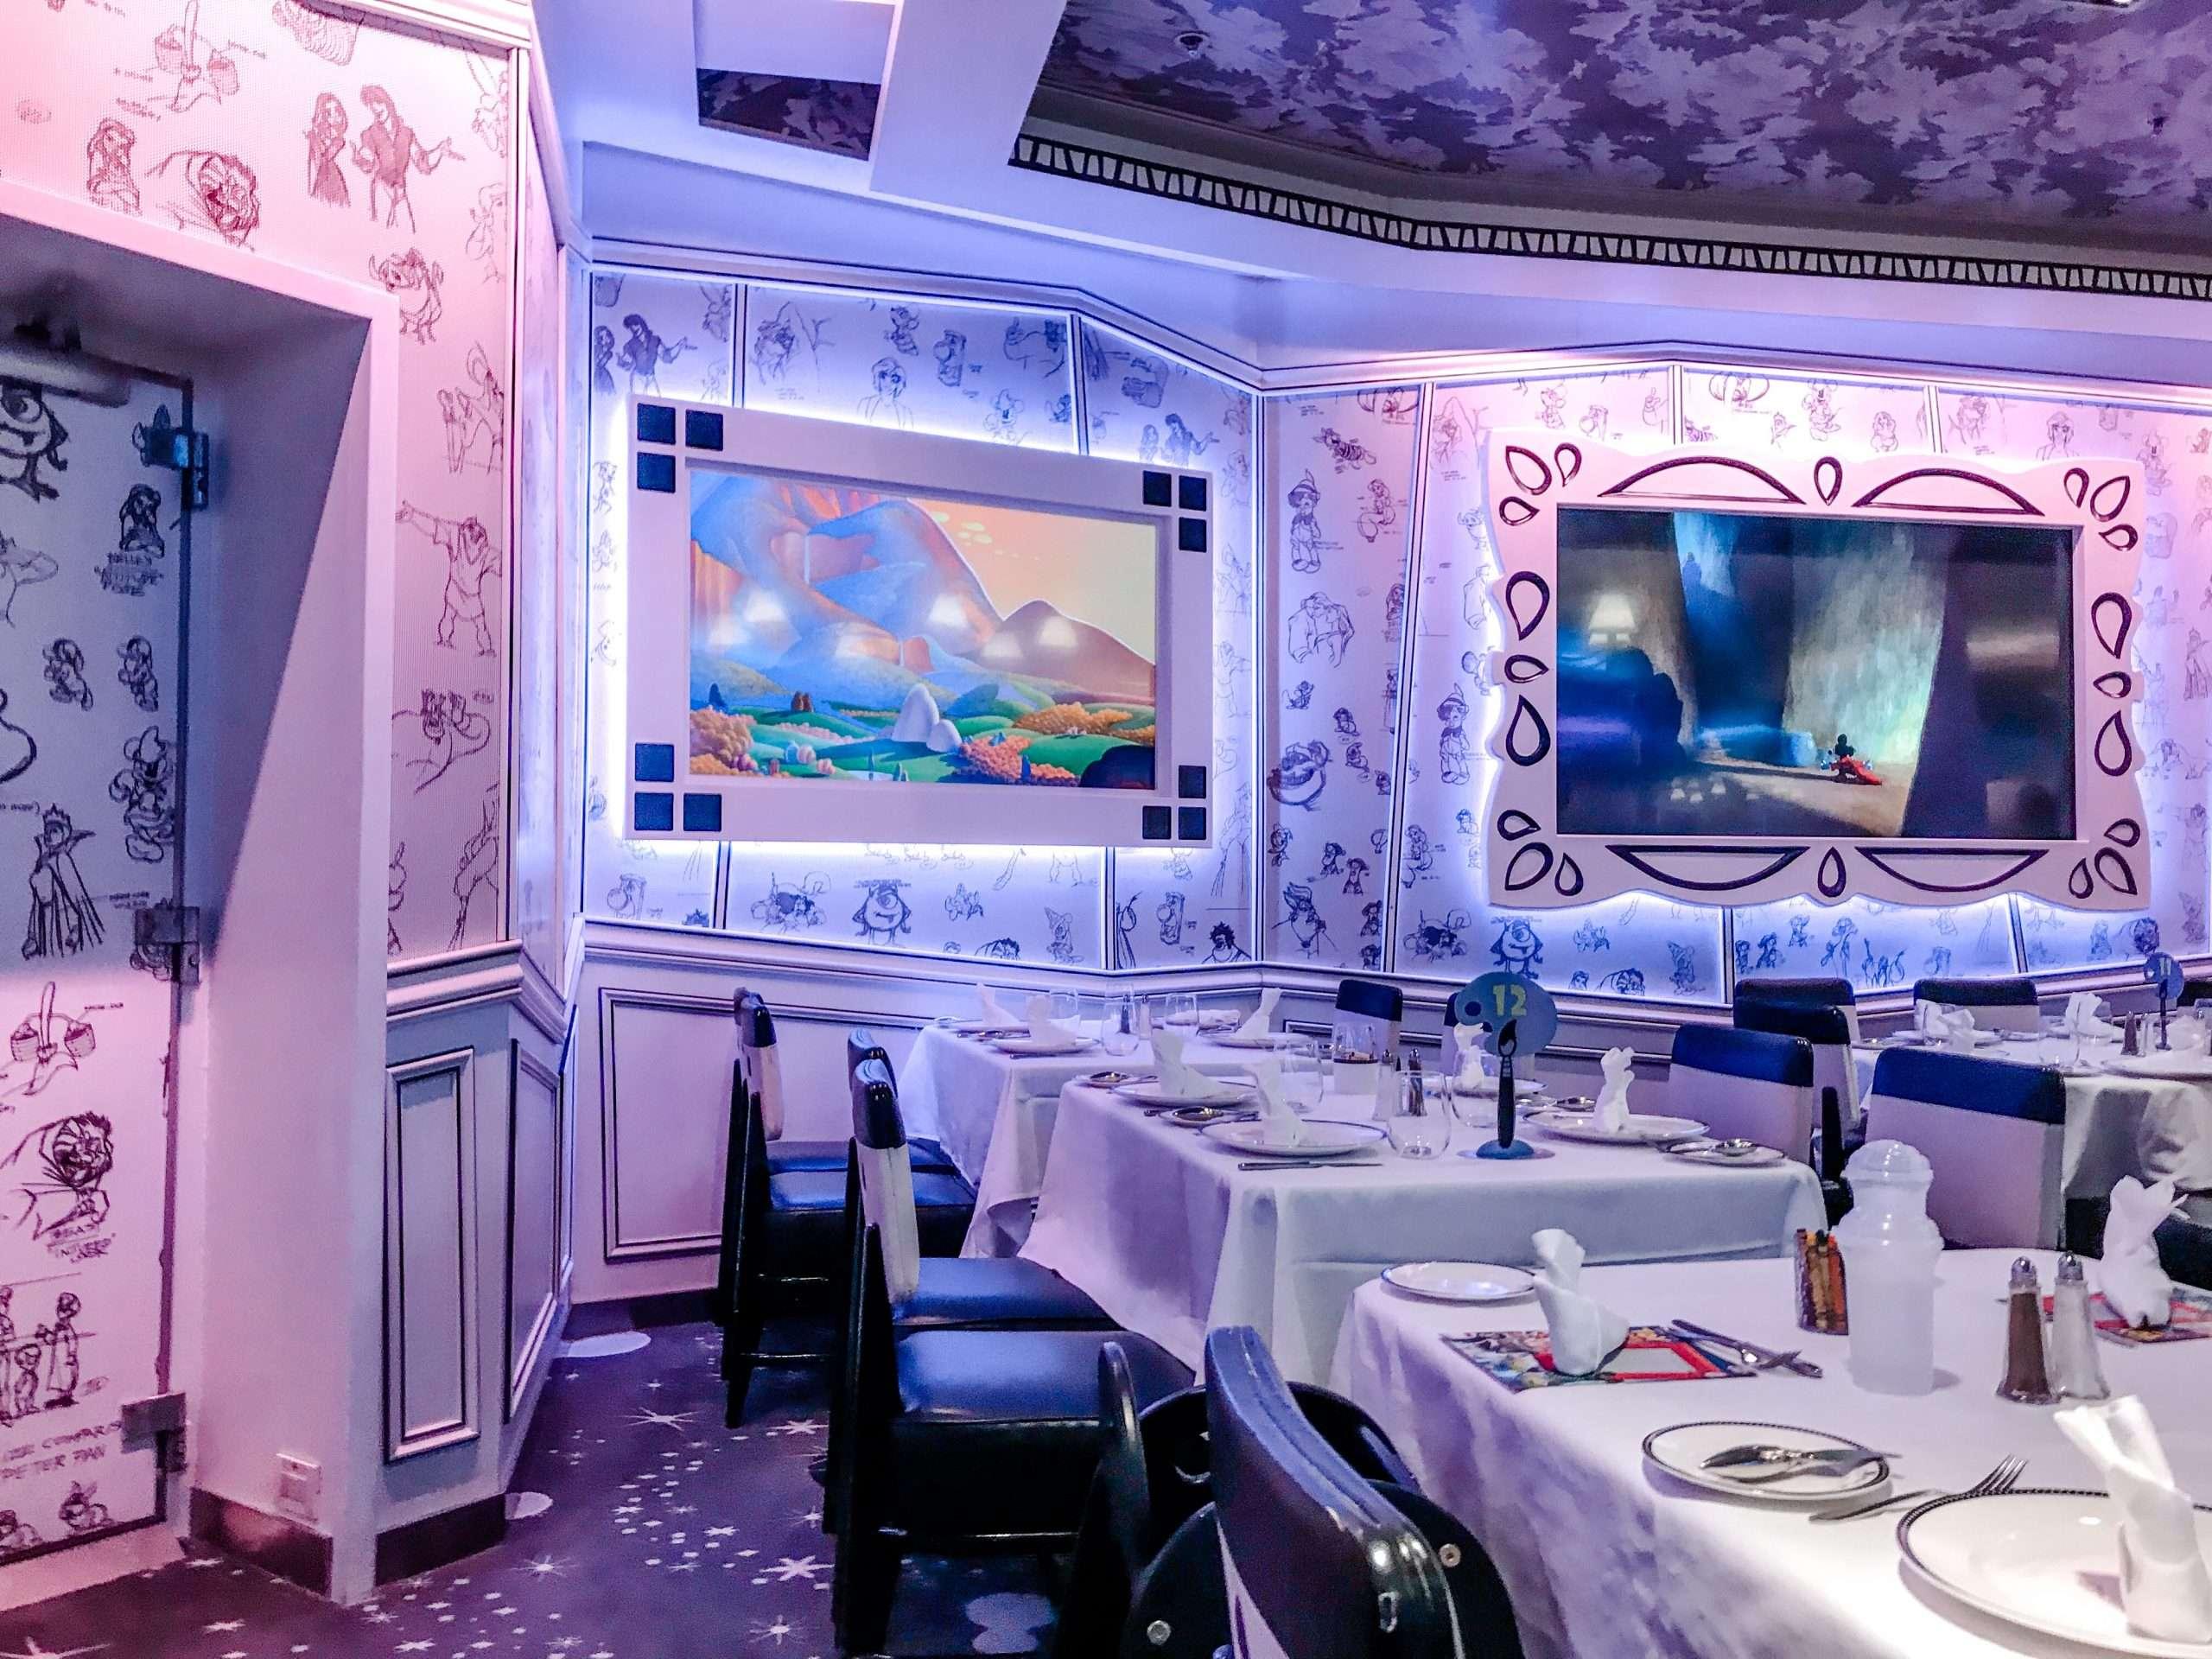 DCL Disney Magic dining